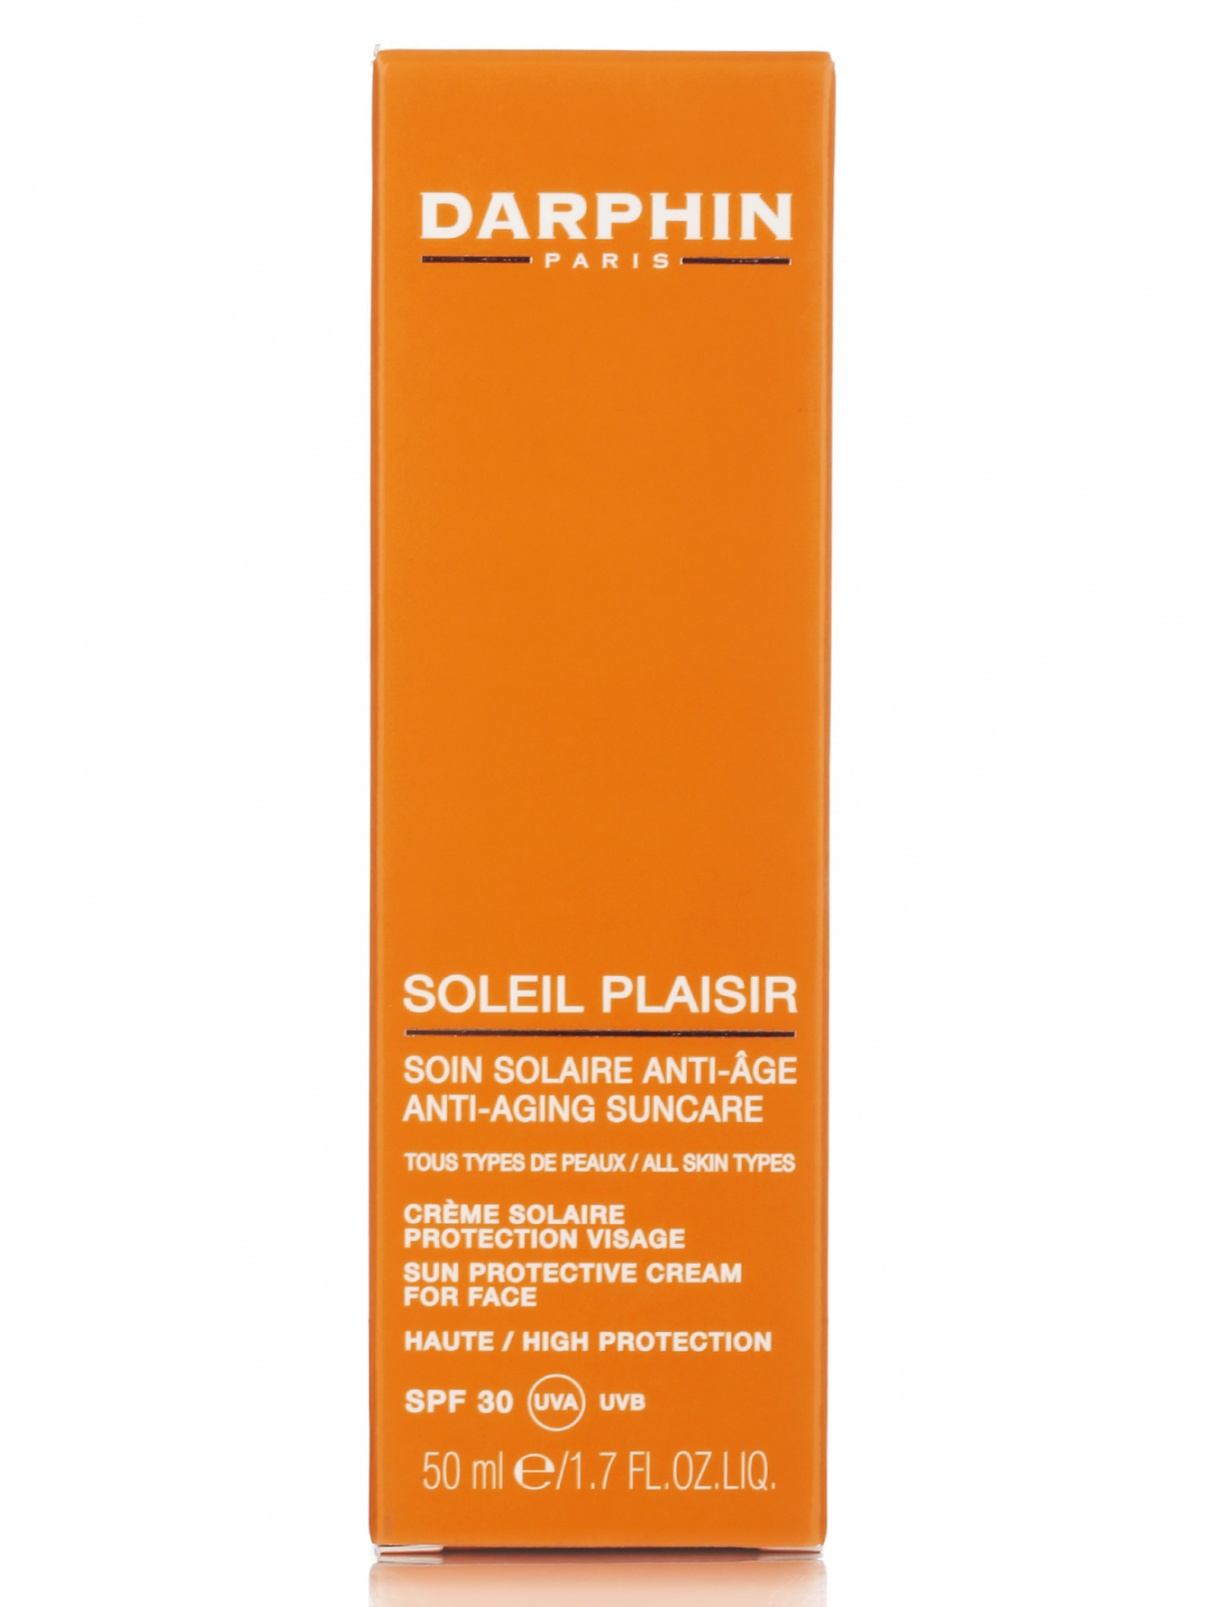 Антивозрастной солнцезащитный крем - Face Care, 50ml Darphin  –  Модель Общий вид